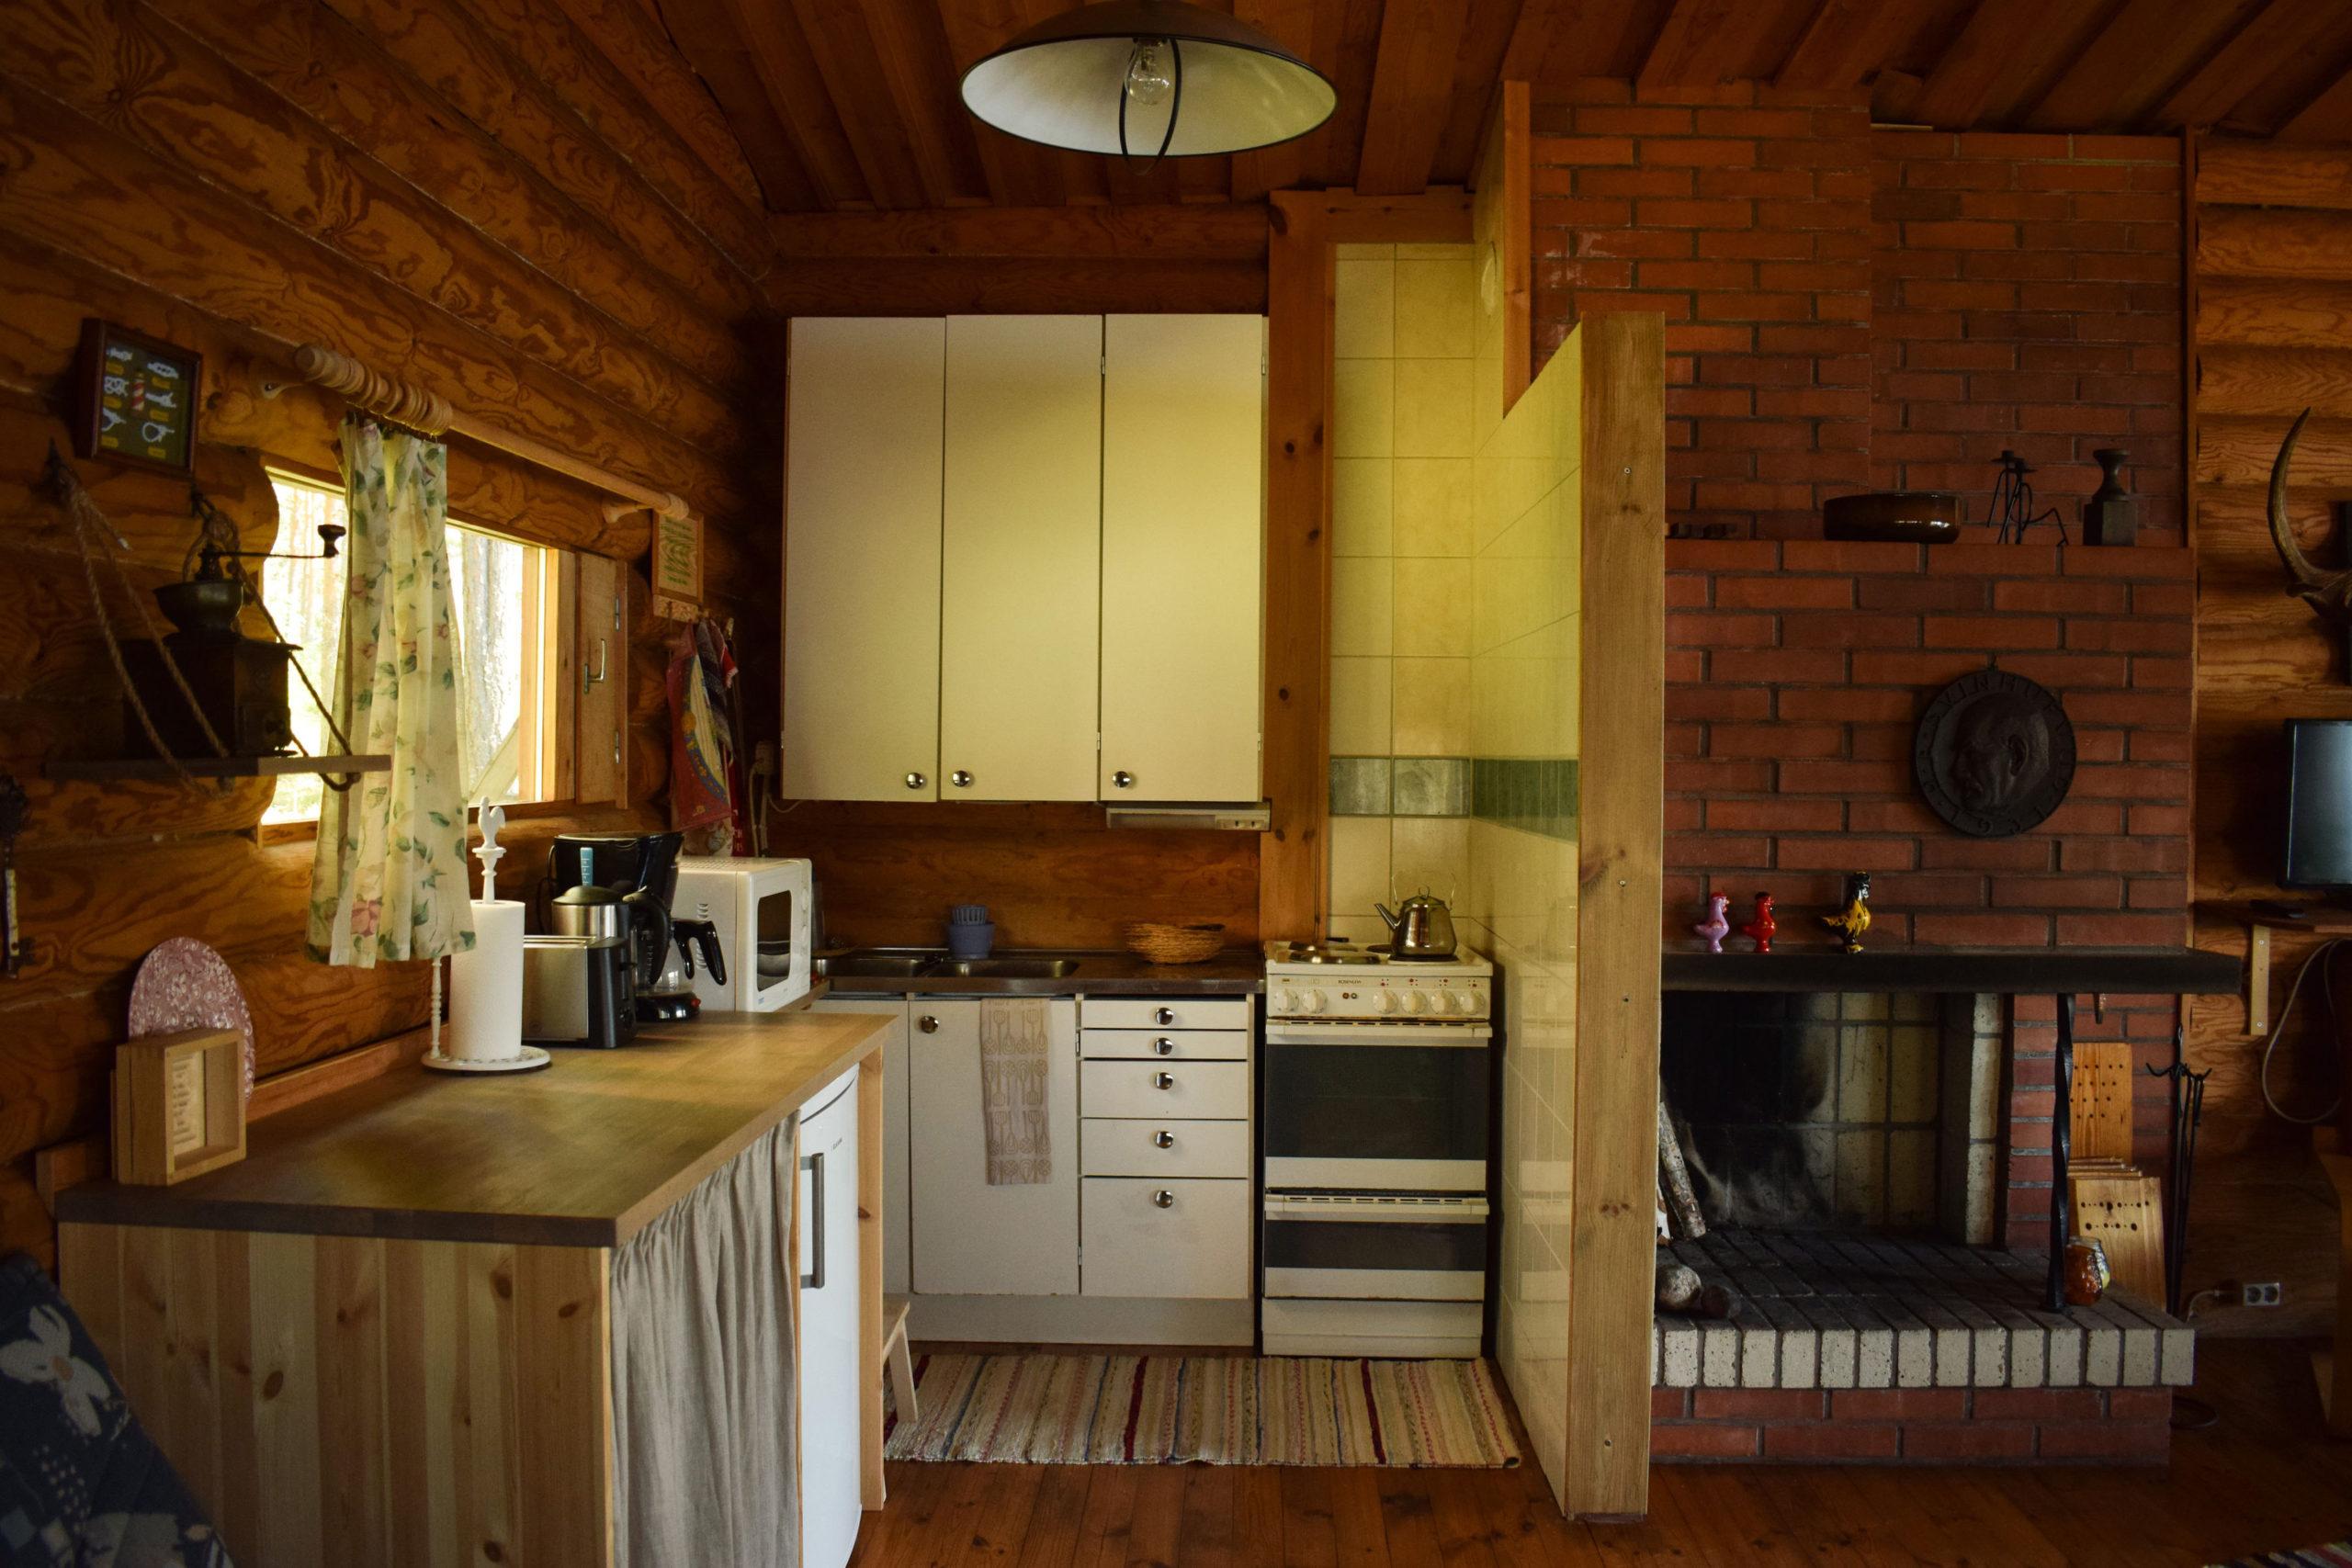 Kitchen of Kukkoniemen Lomamökit traditional Finnish rental cottages in Punkaharju, Saimaa